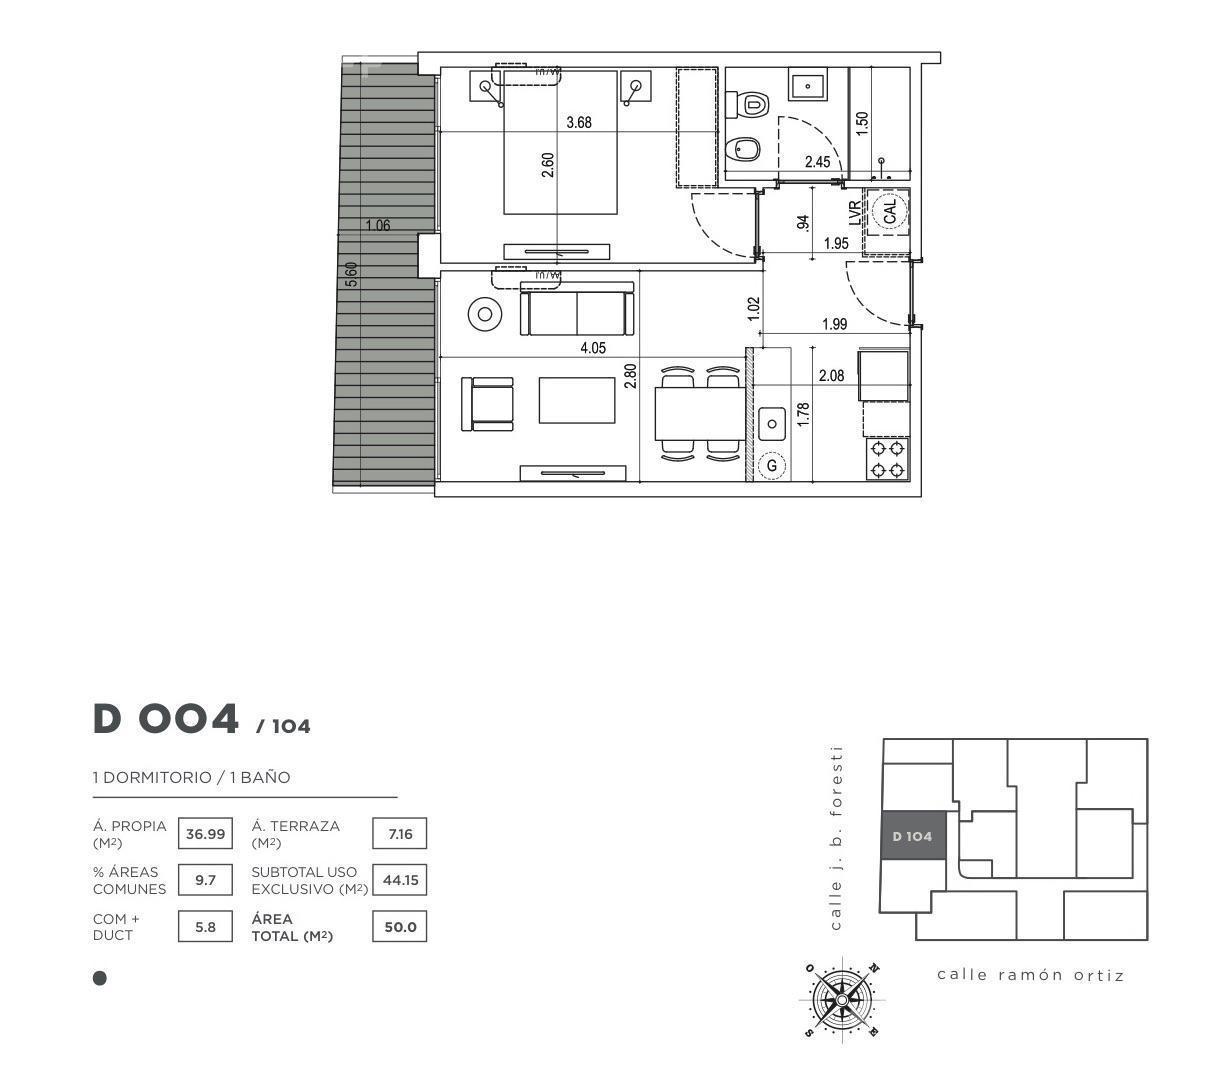 Departamento-Venta-Montevideo-Calidad y diseño en el pulmón de Montevideo